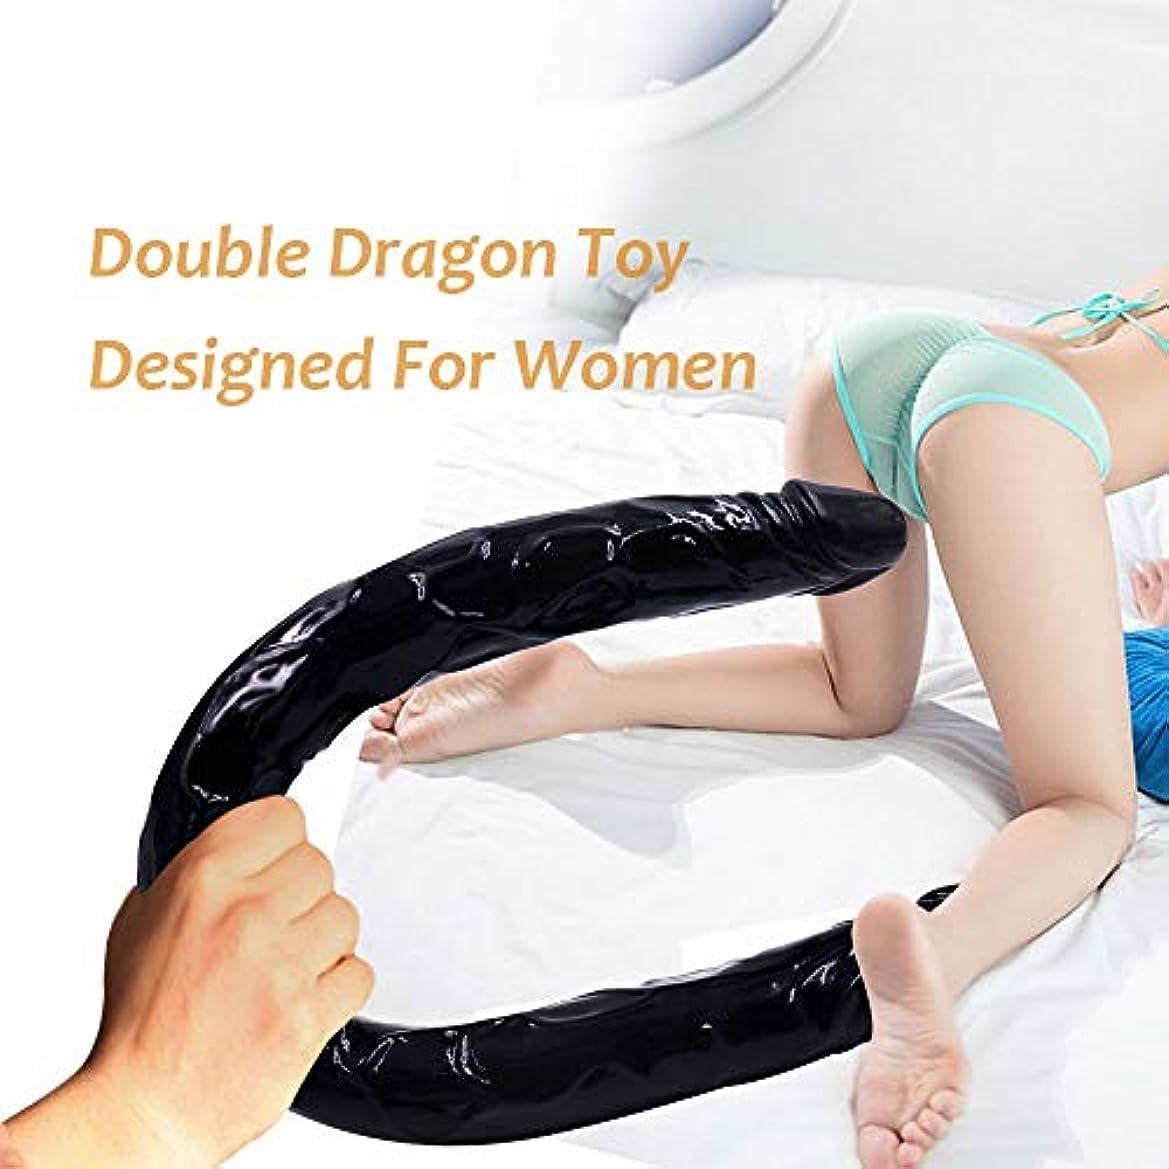 時計吸収資本KGJJHYBGTOY 柔軟なダブルヘッドマッサージ21.56インチデュアル双頭ボディは女性のフルボディ用マッサージワンドおもちゃを終了したリラックス RELAX MASSAGE BODY